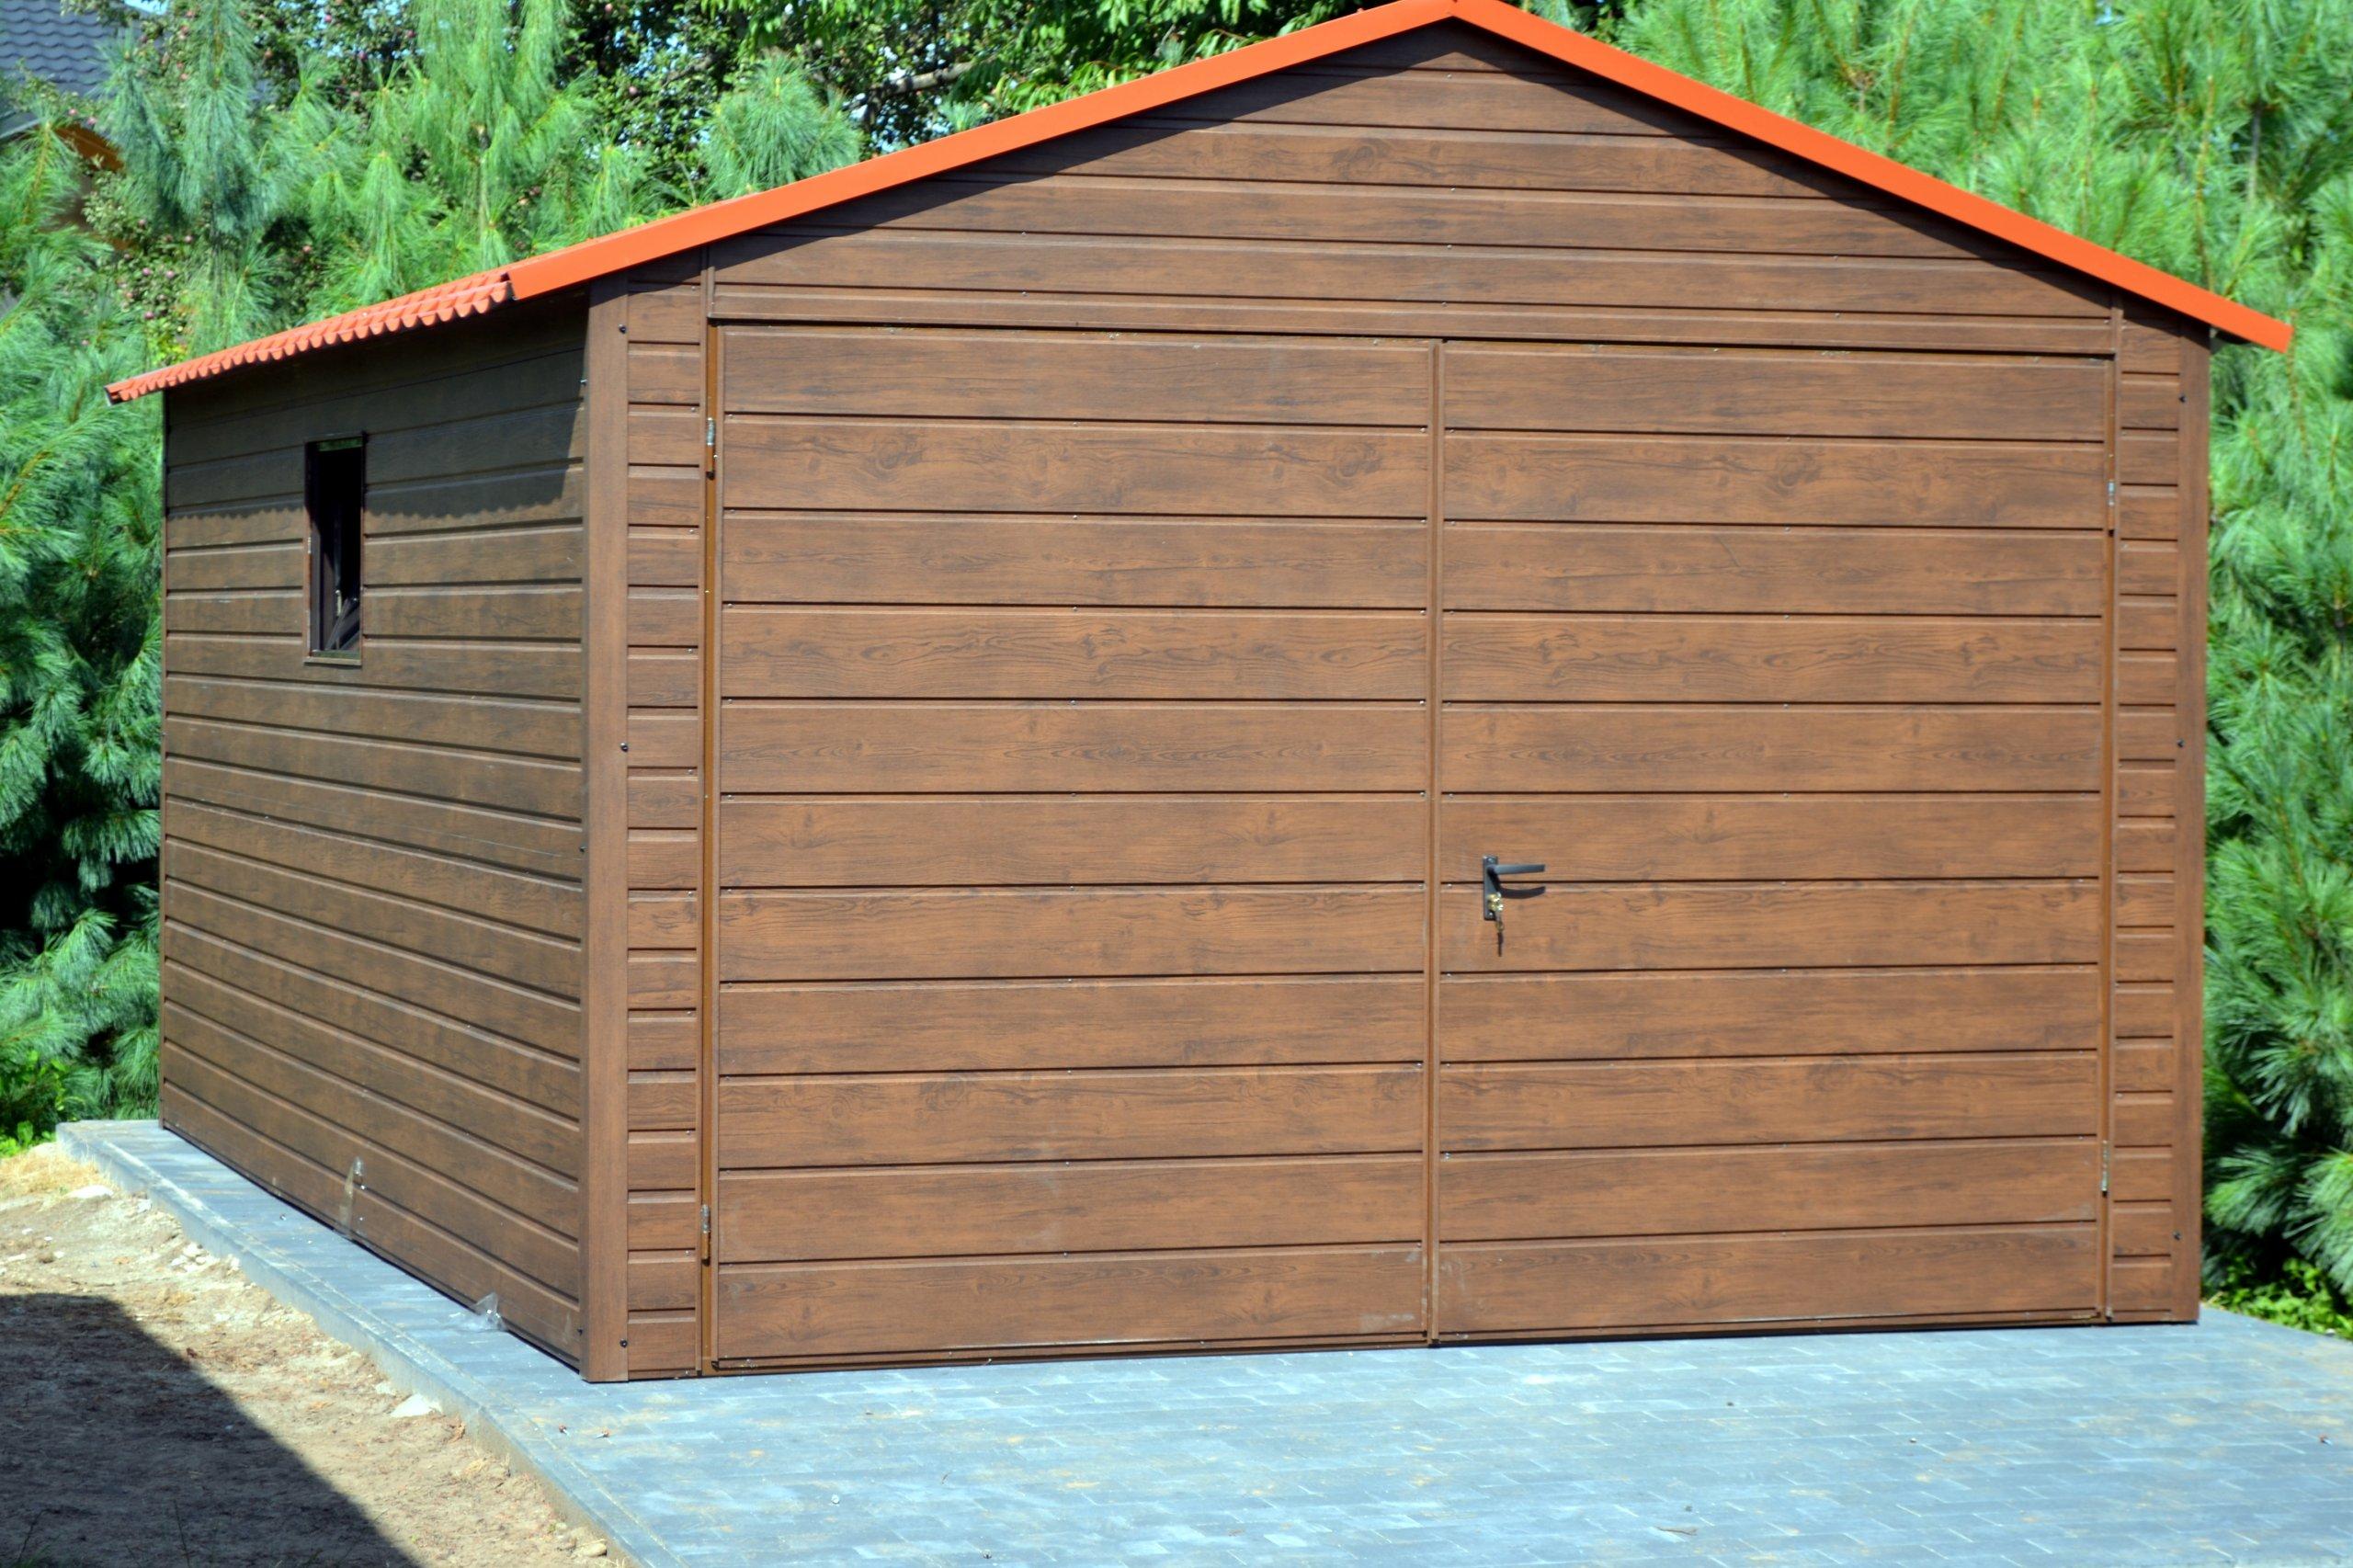 Garaż Drewnopodobny Blaszany Garaże Blaszane 4x6 7247281239